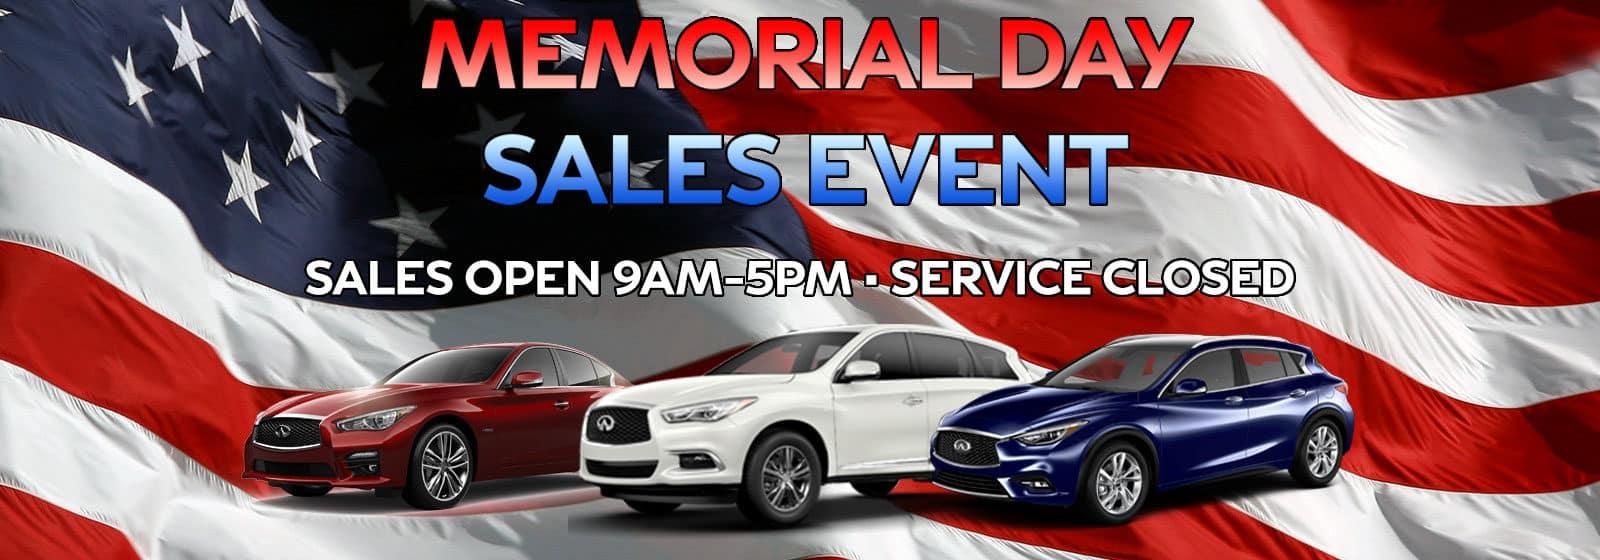 Memorial Day Sales Event Hours at Berman INFINITI of Niles!